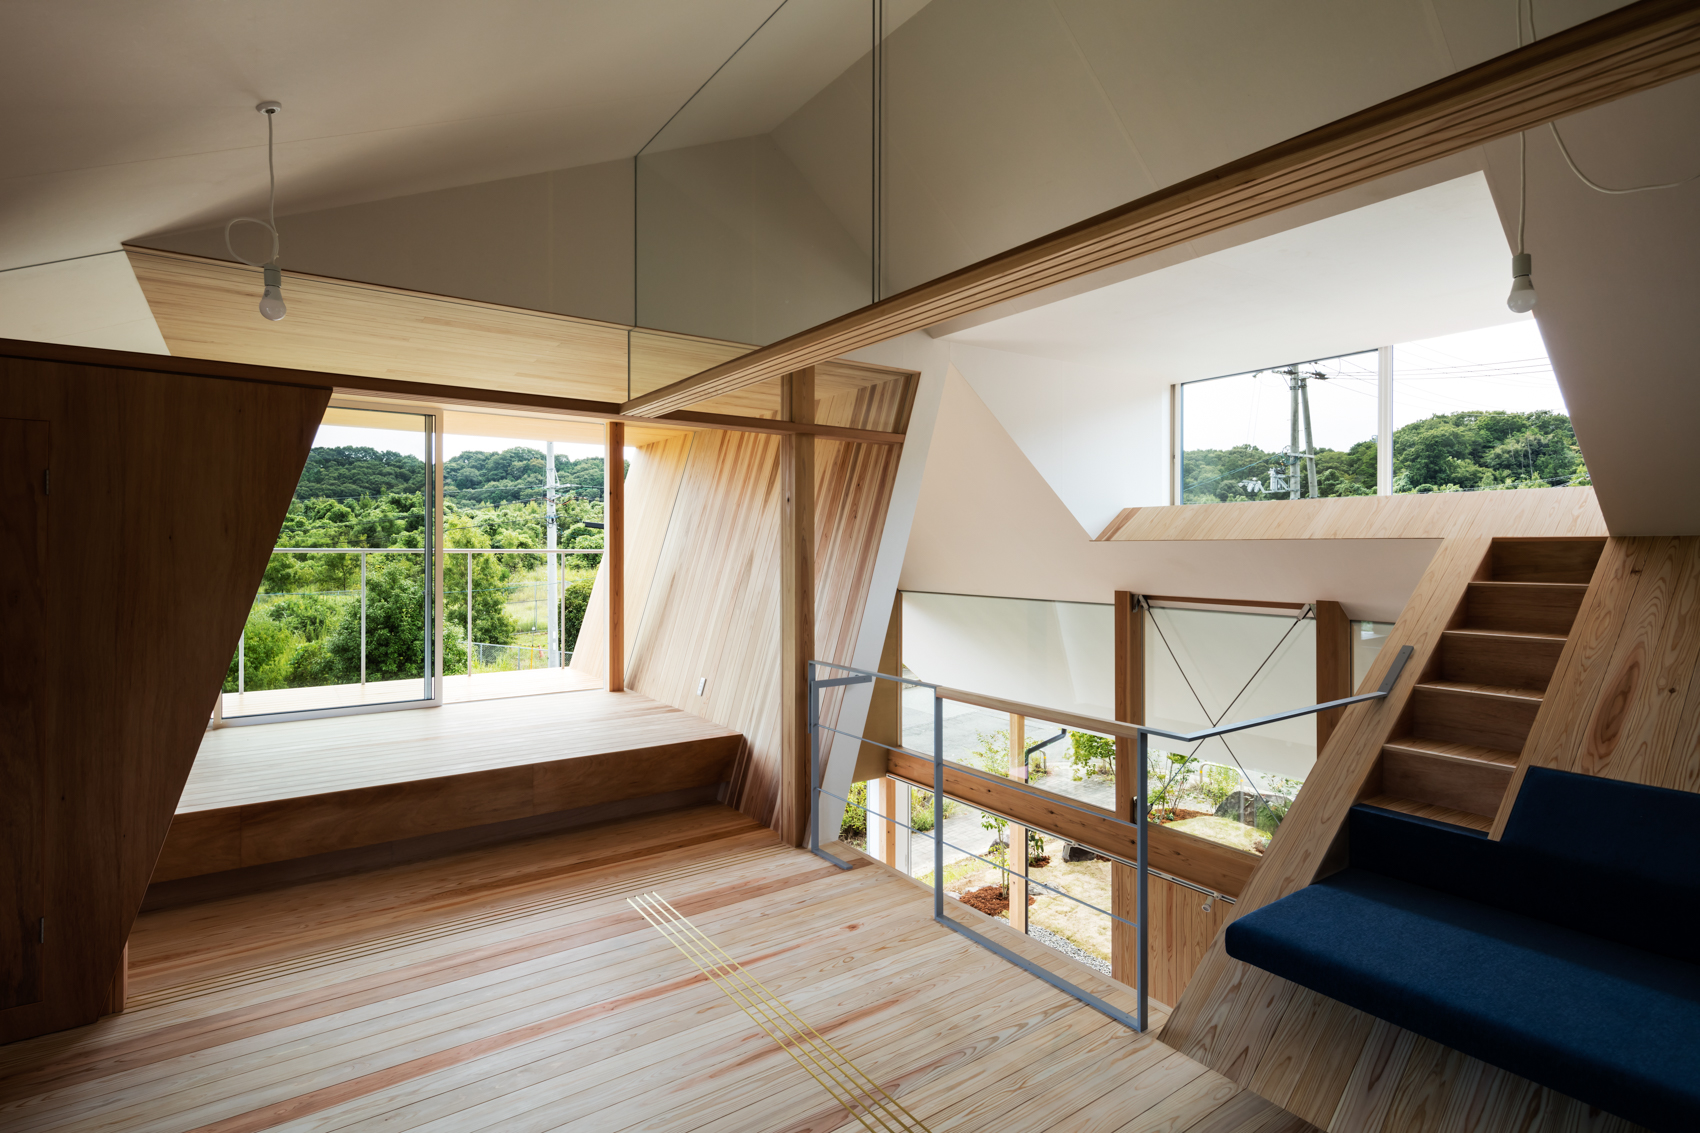 設計:吉村理建築設計事務